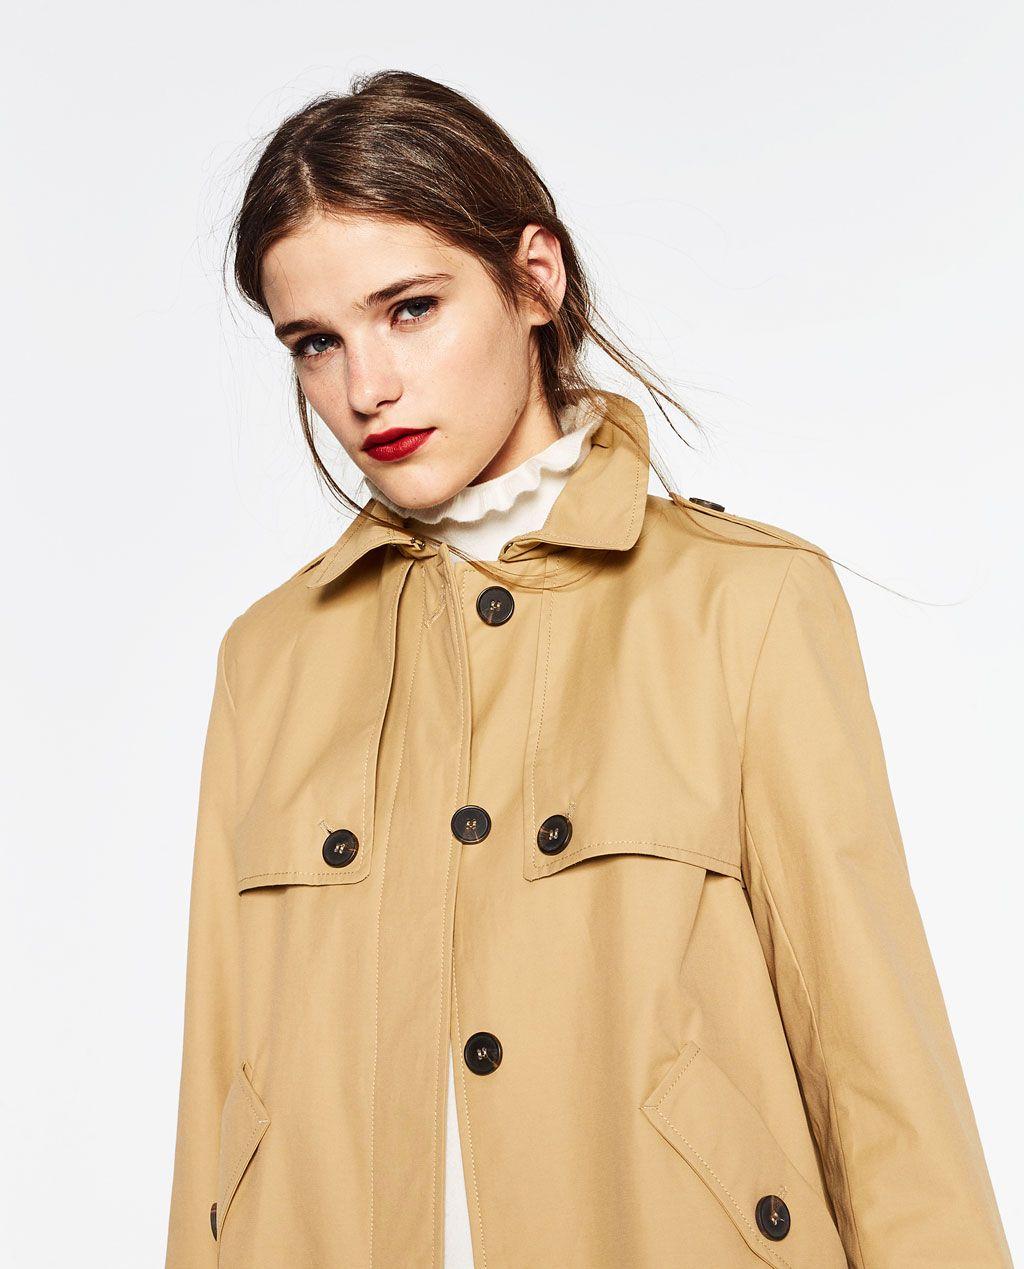 GABARDINA CORTA WATER REPELLENT | Short trench coat, Coat, Zara